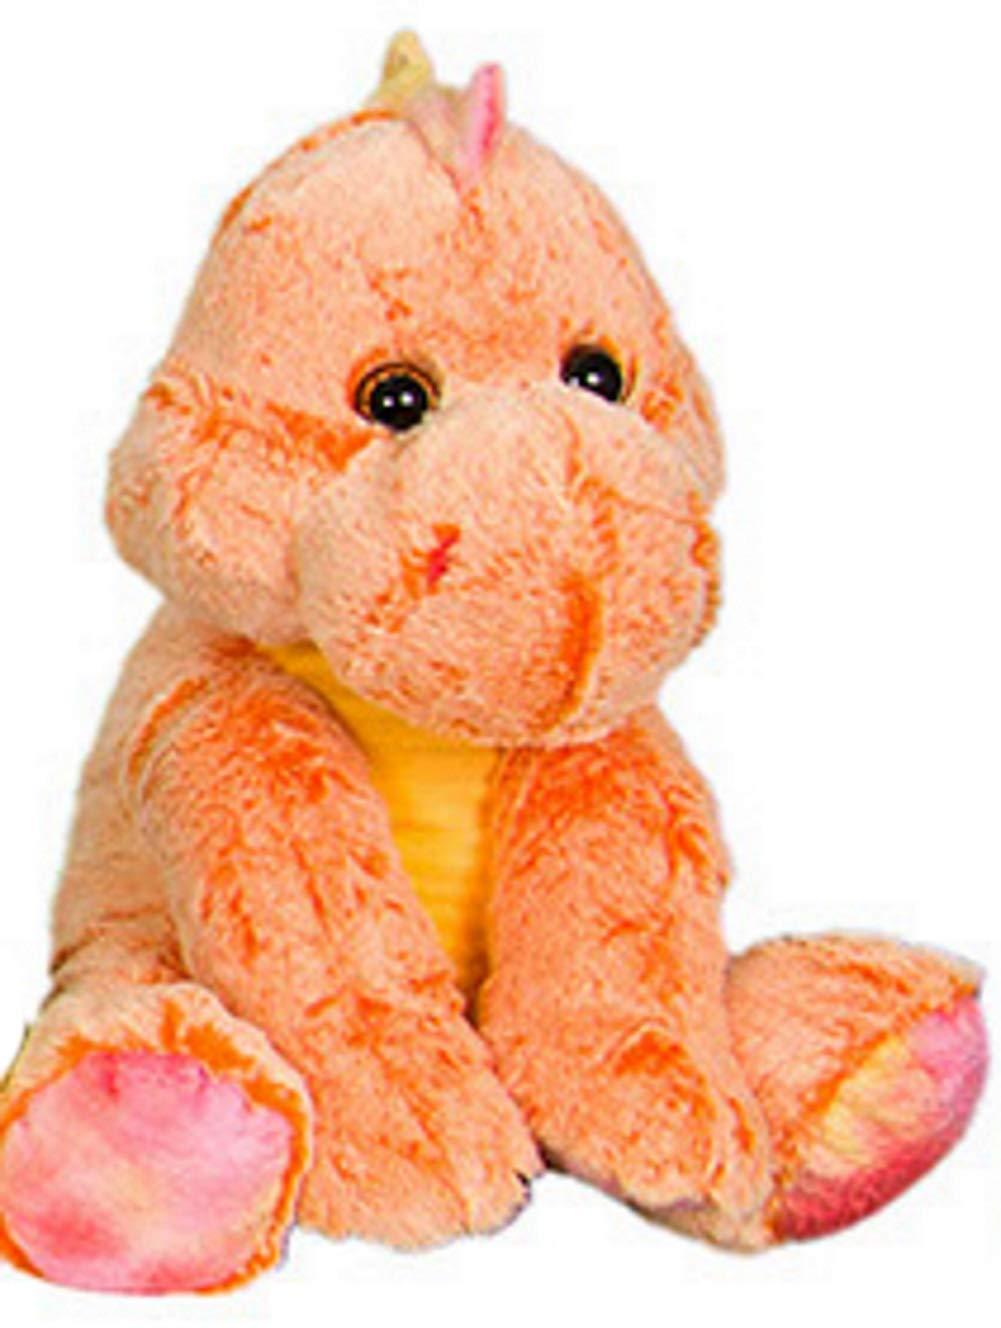 15 inches Kelly Toy Plush Orange Two-Toned Dinosaur